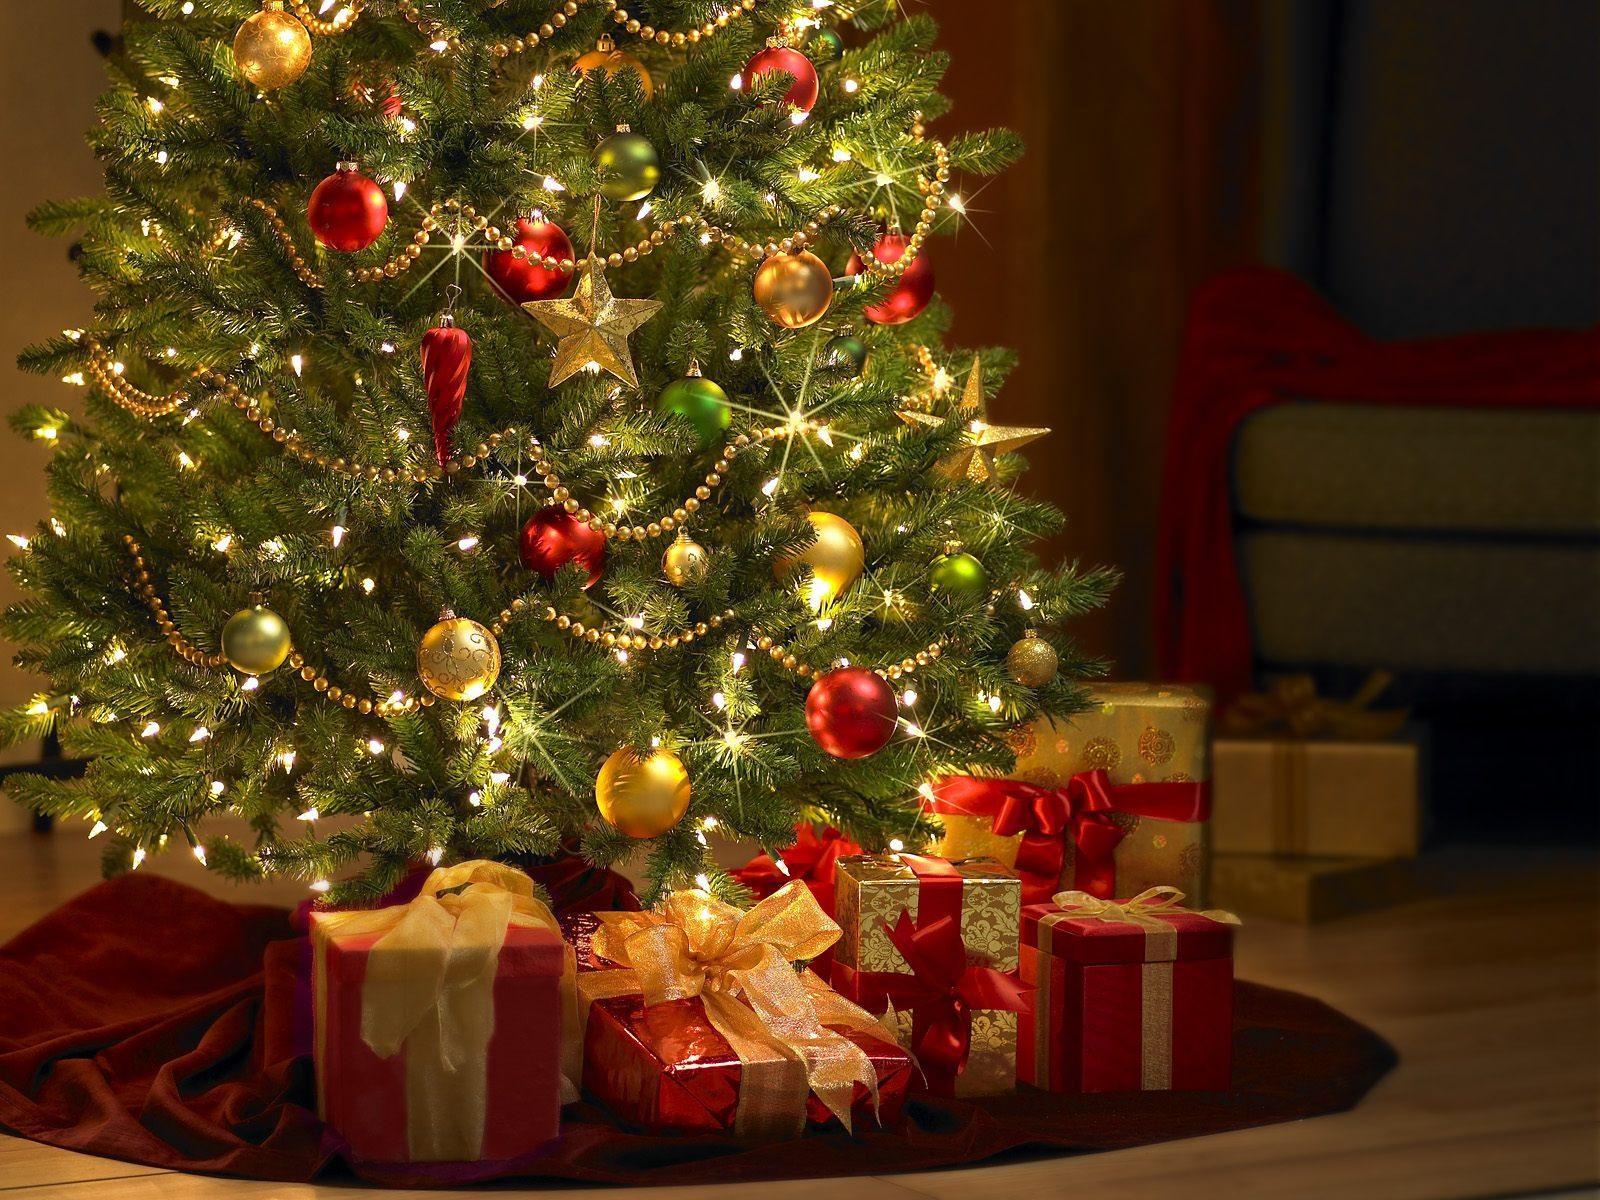 Imágenes de Navidad Imágenes de Amor